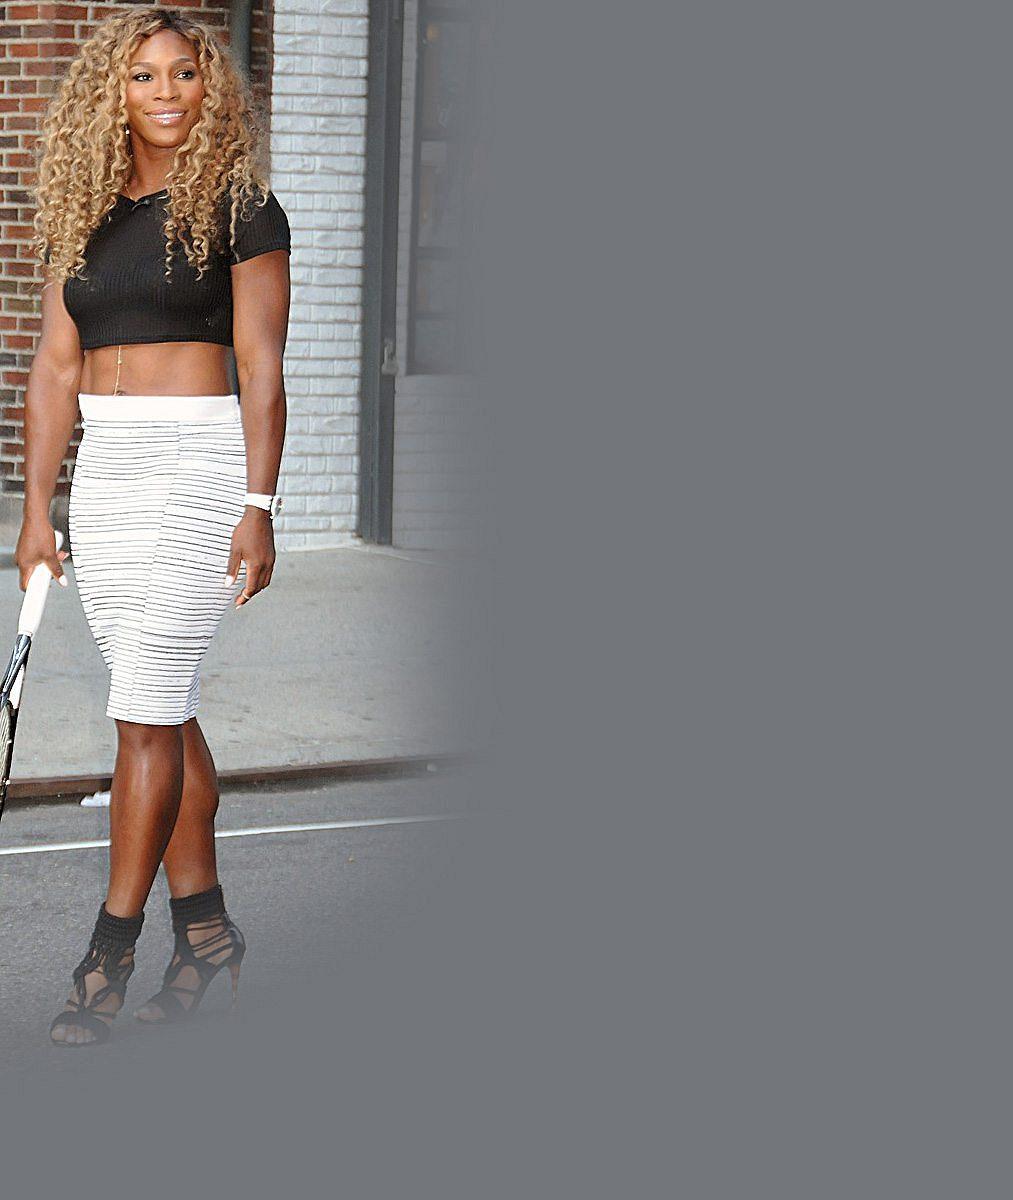 Kudrnatá Serena Williams působila v minišatech velice žensky. Až na ty bicepsy